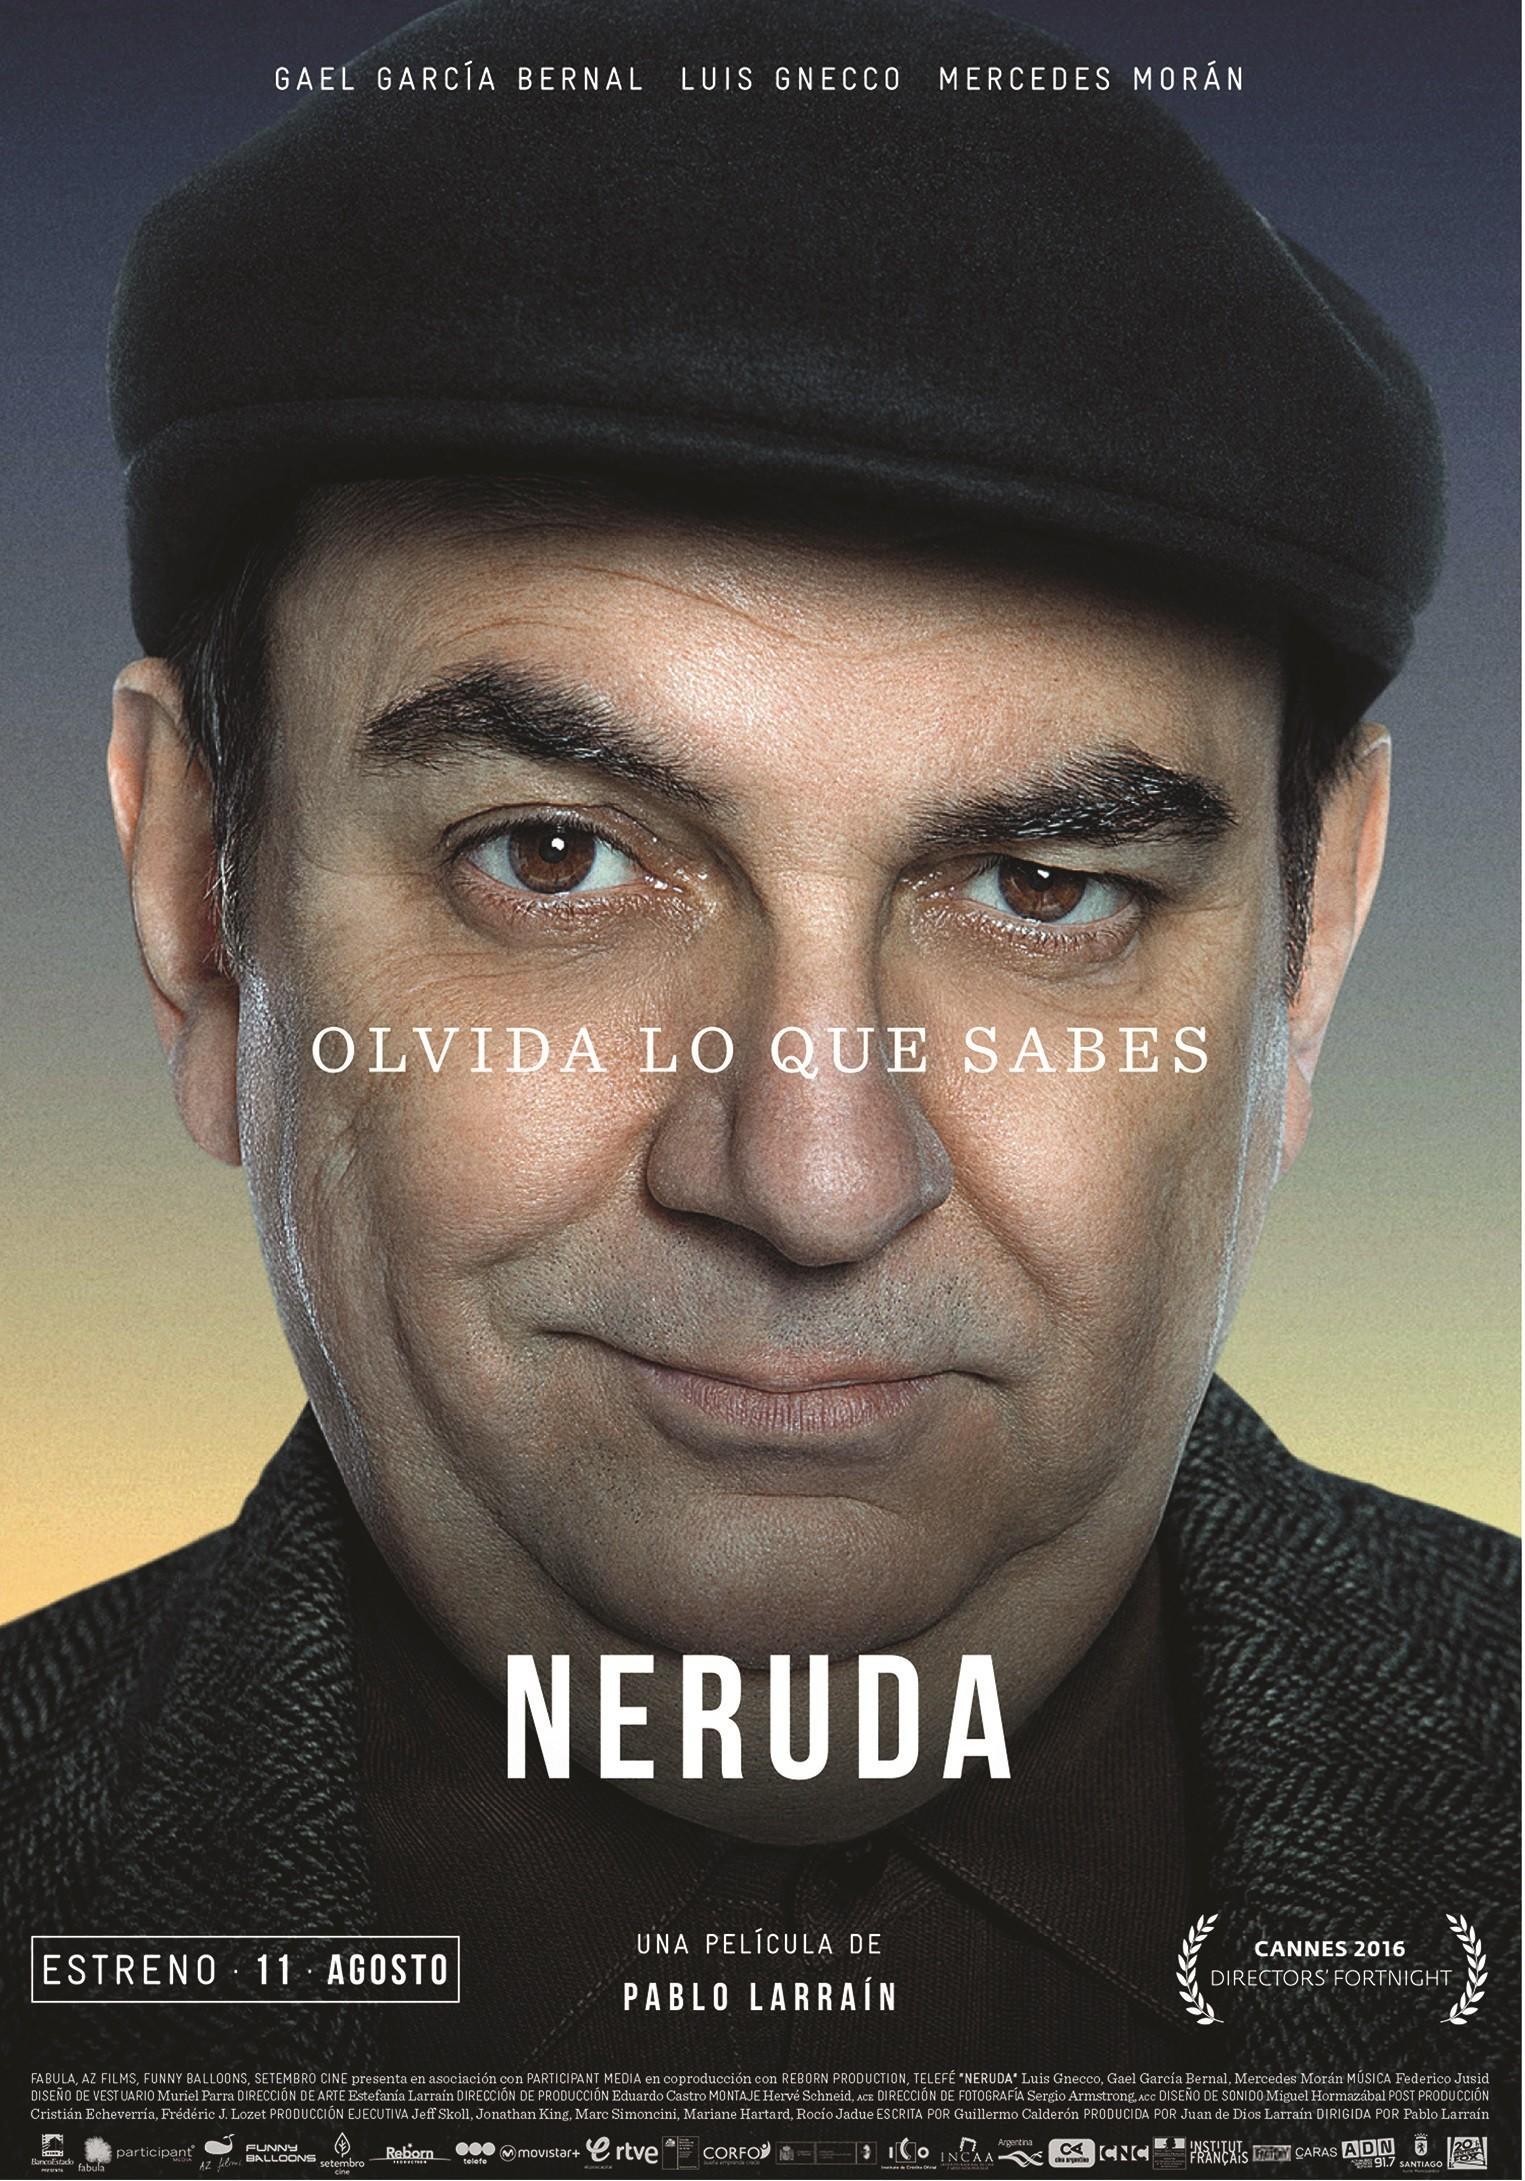 Segundo cartel de la película Neruda de Pablo Larraín, 2016.